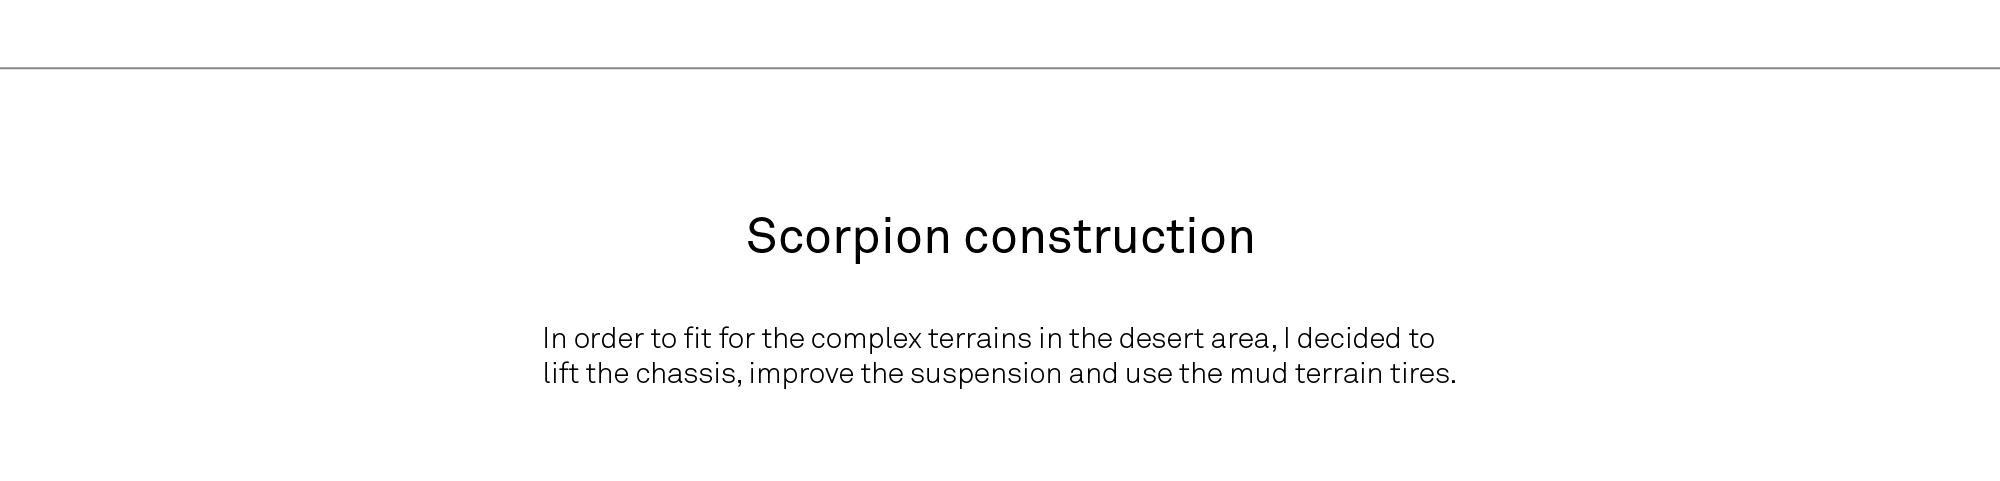 scorpion copy 2-10.jpg